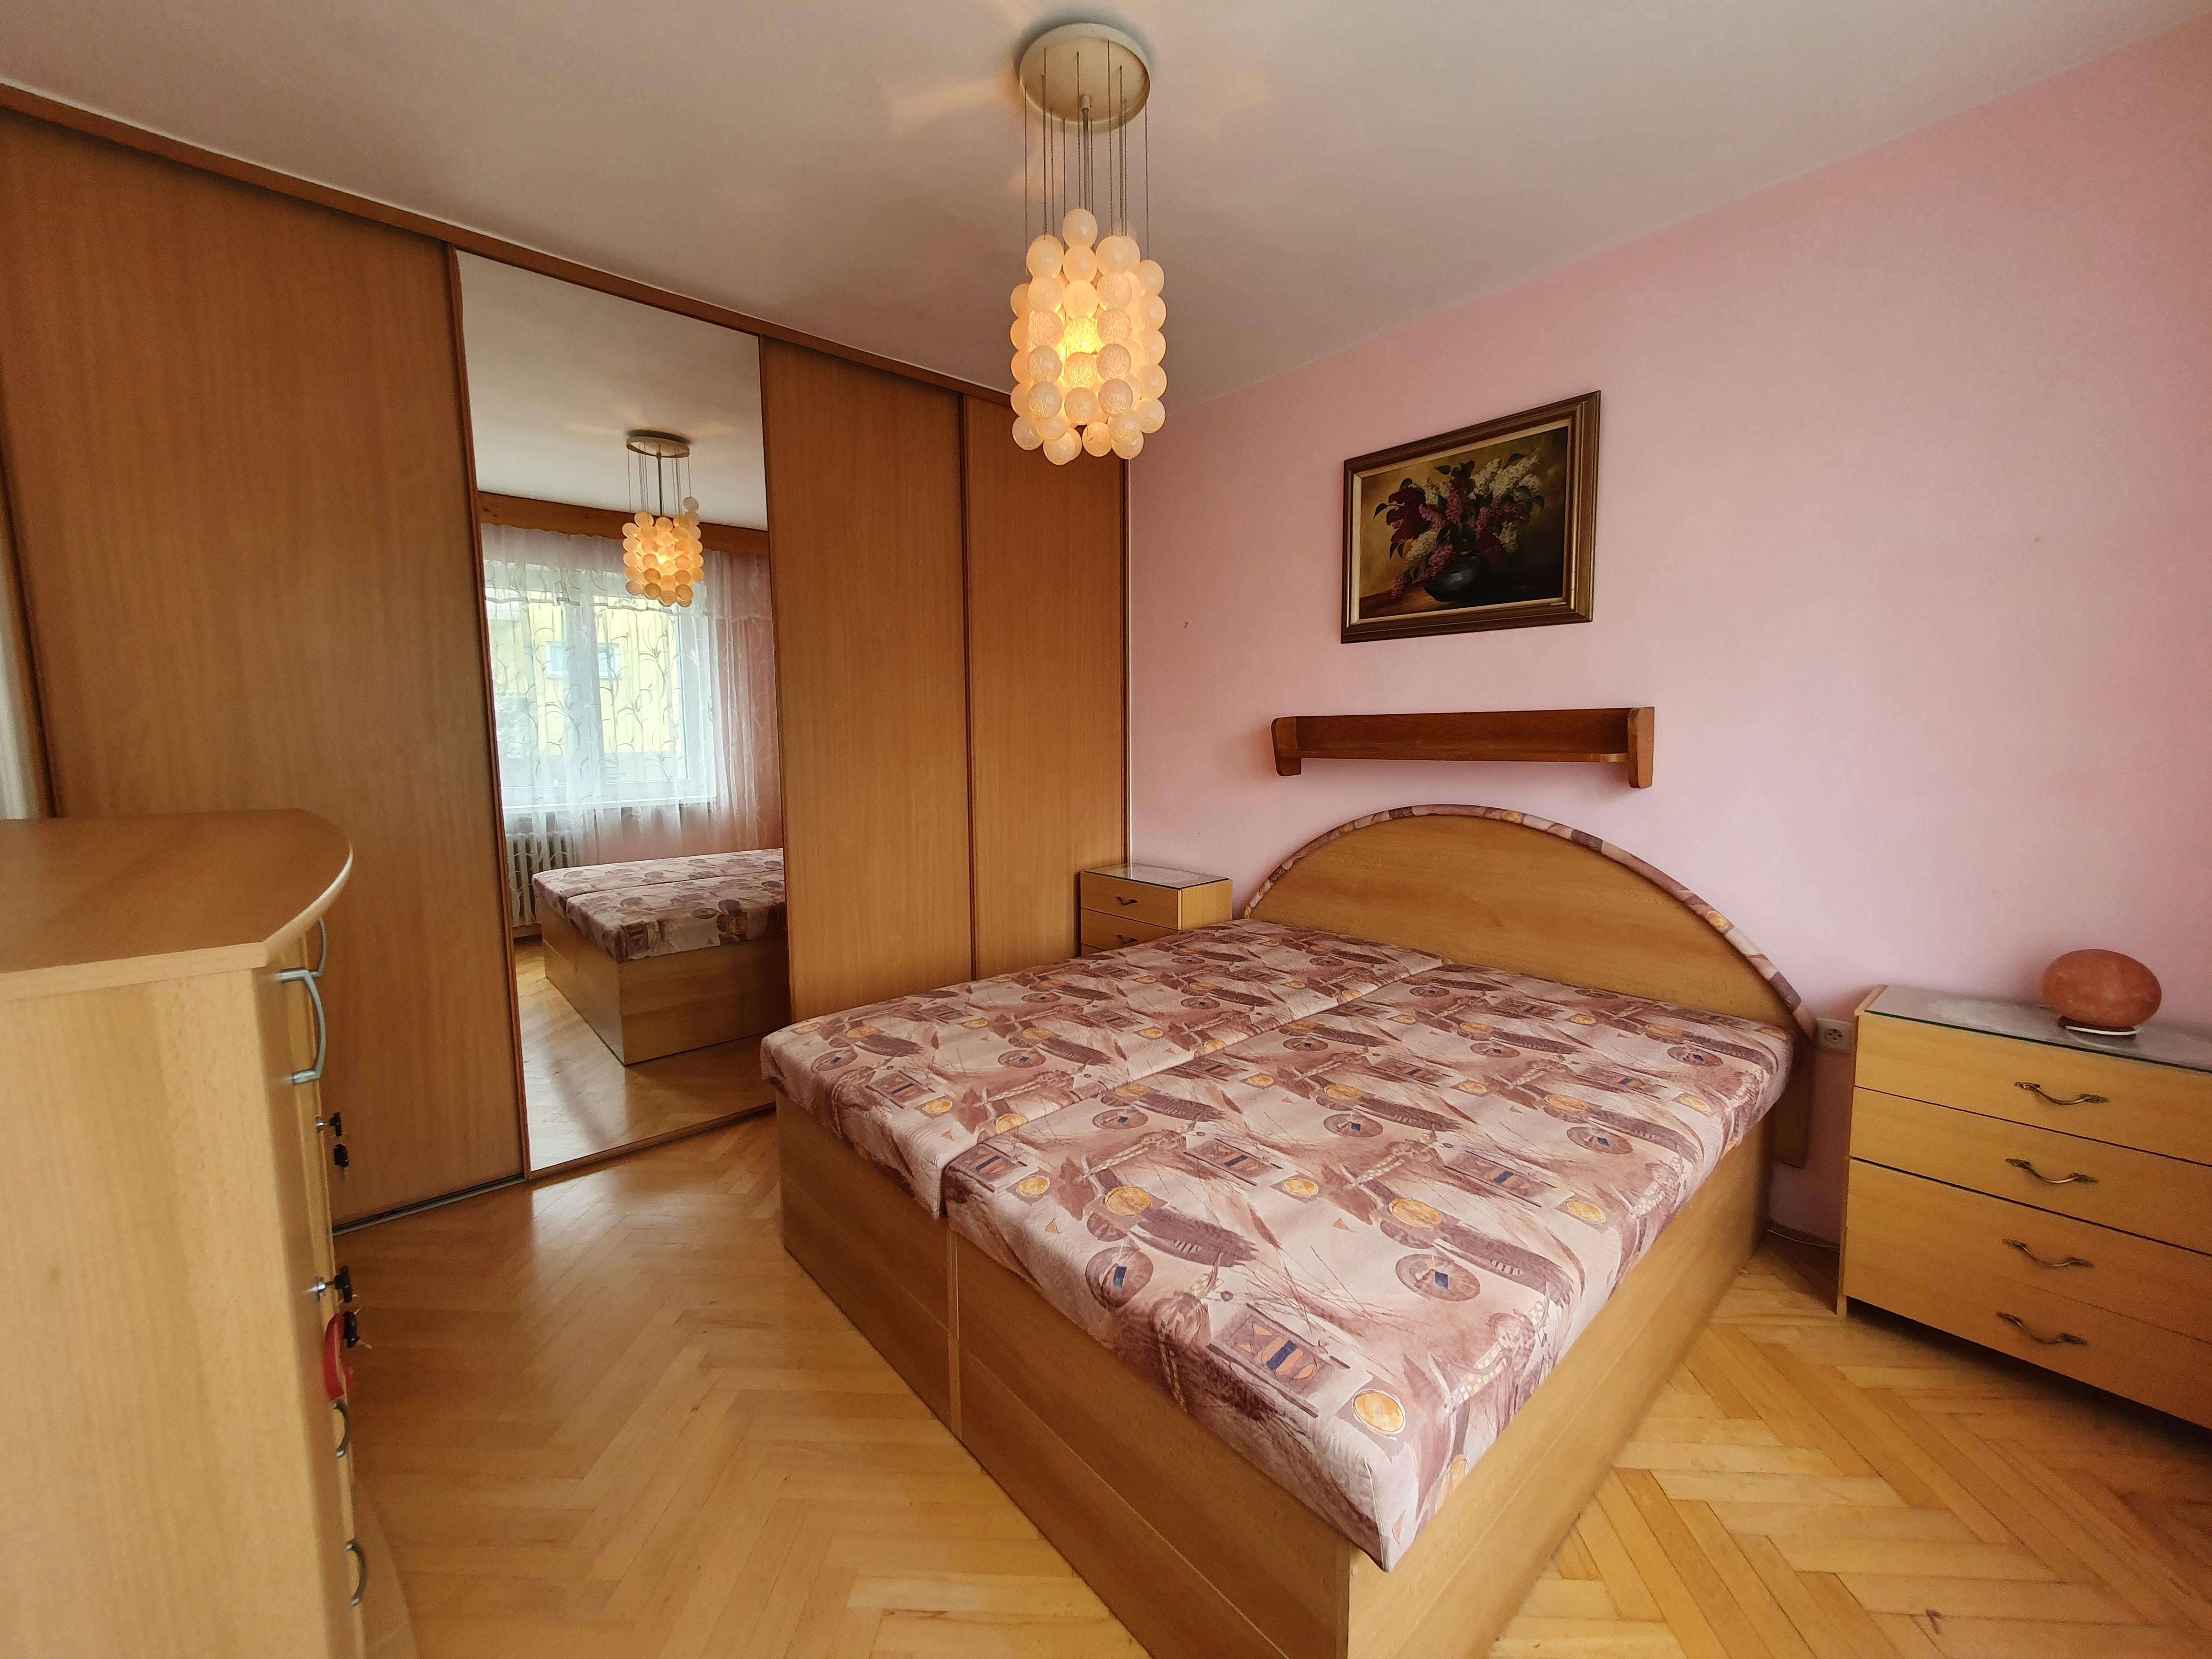 N49160 - Cihlový byt 3+1 se zasklenou lodžií, 72m² - Lázně Bohdaneč